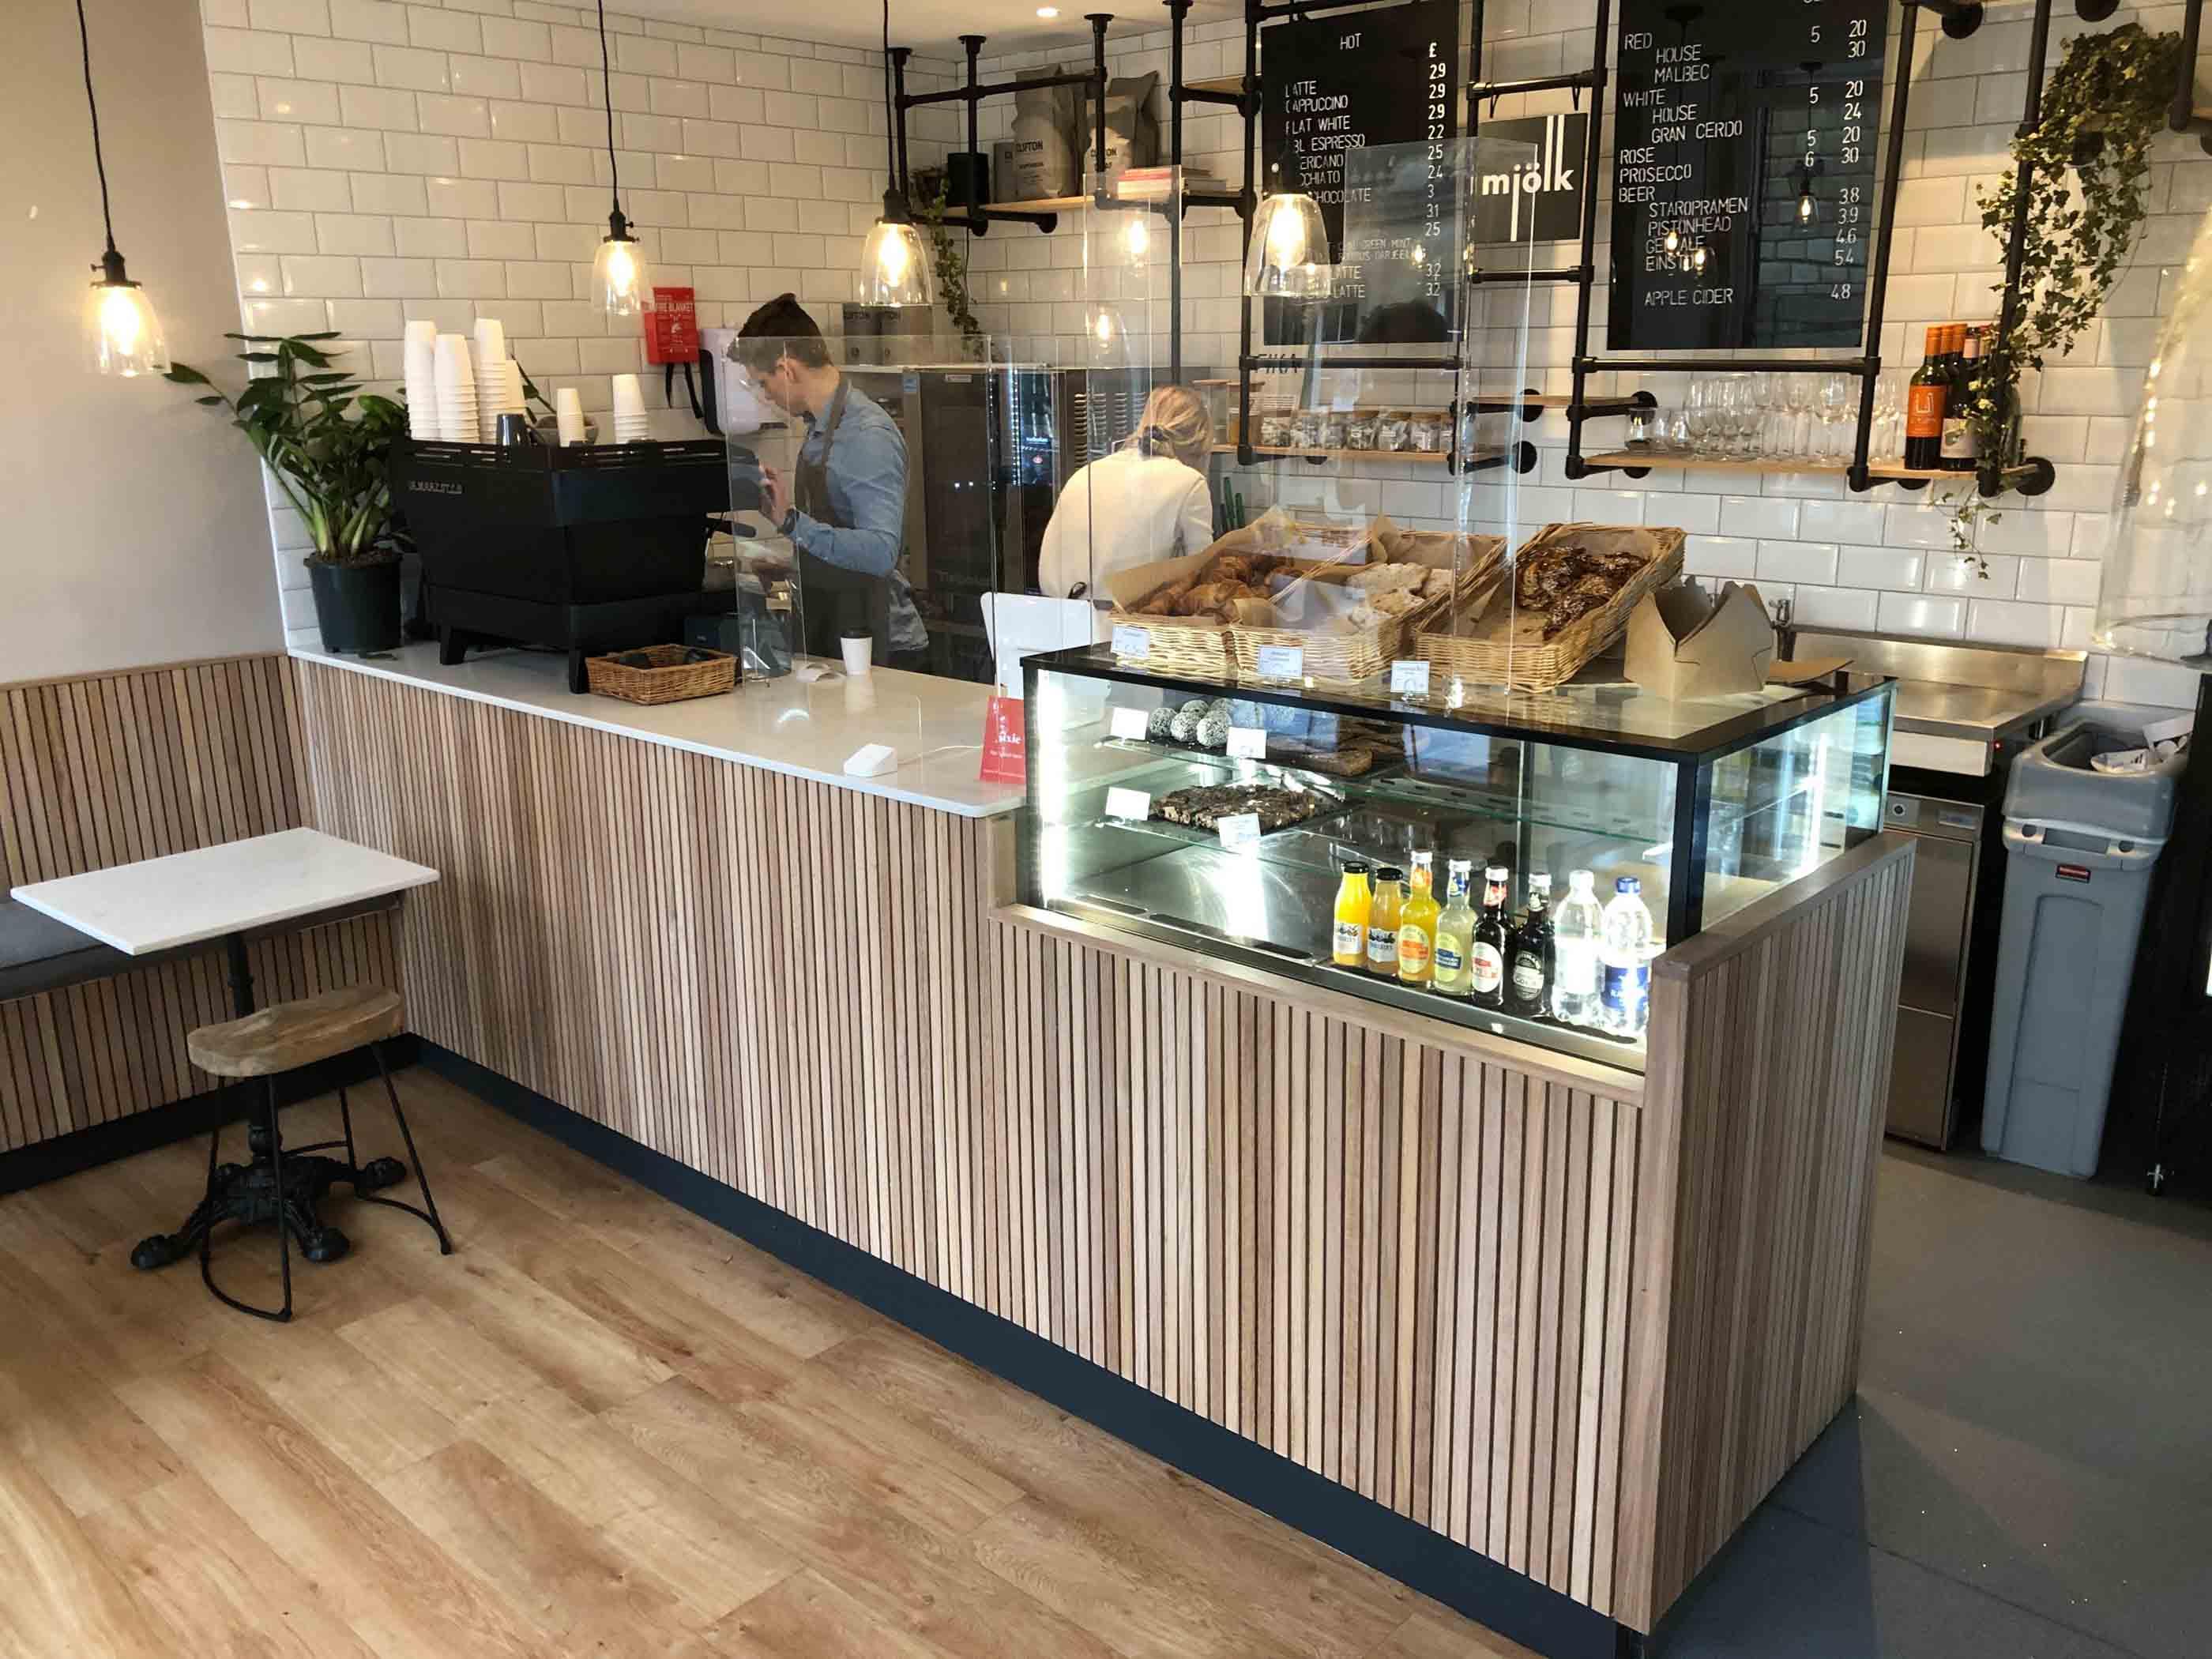 Amateur photograph of a cafe.